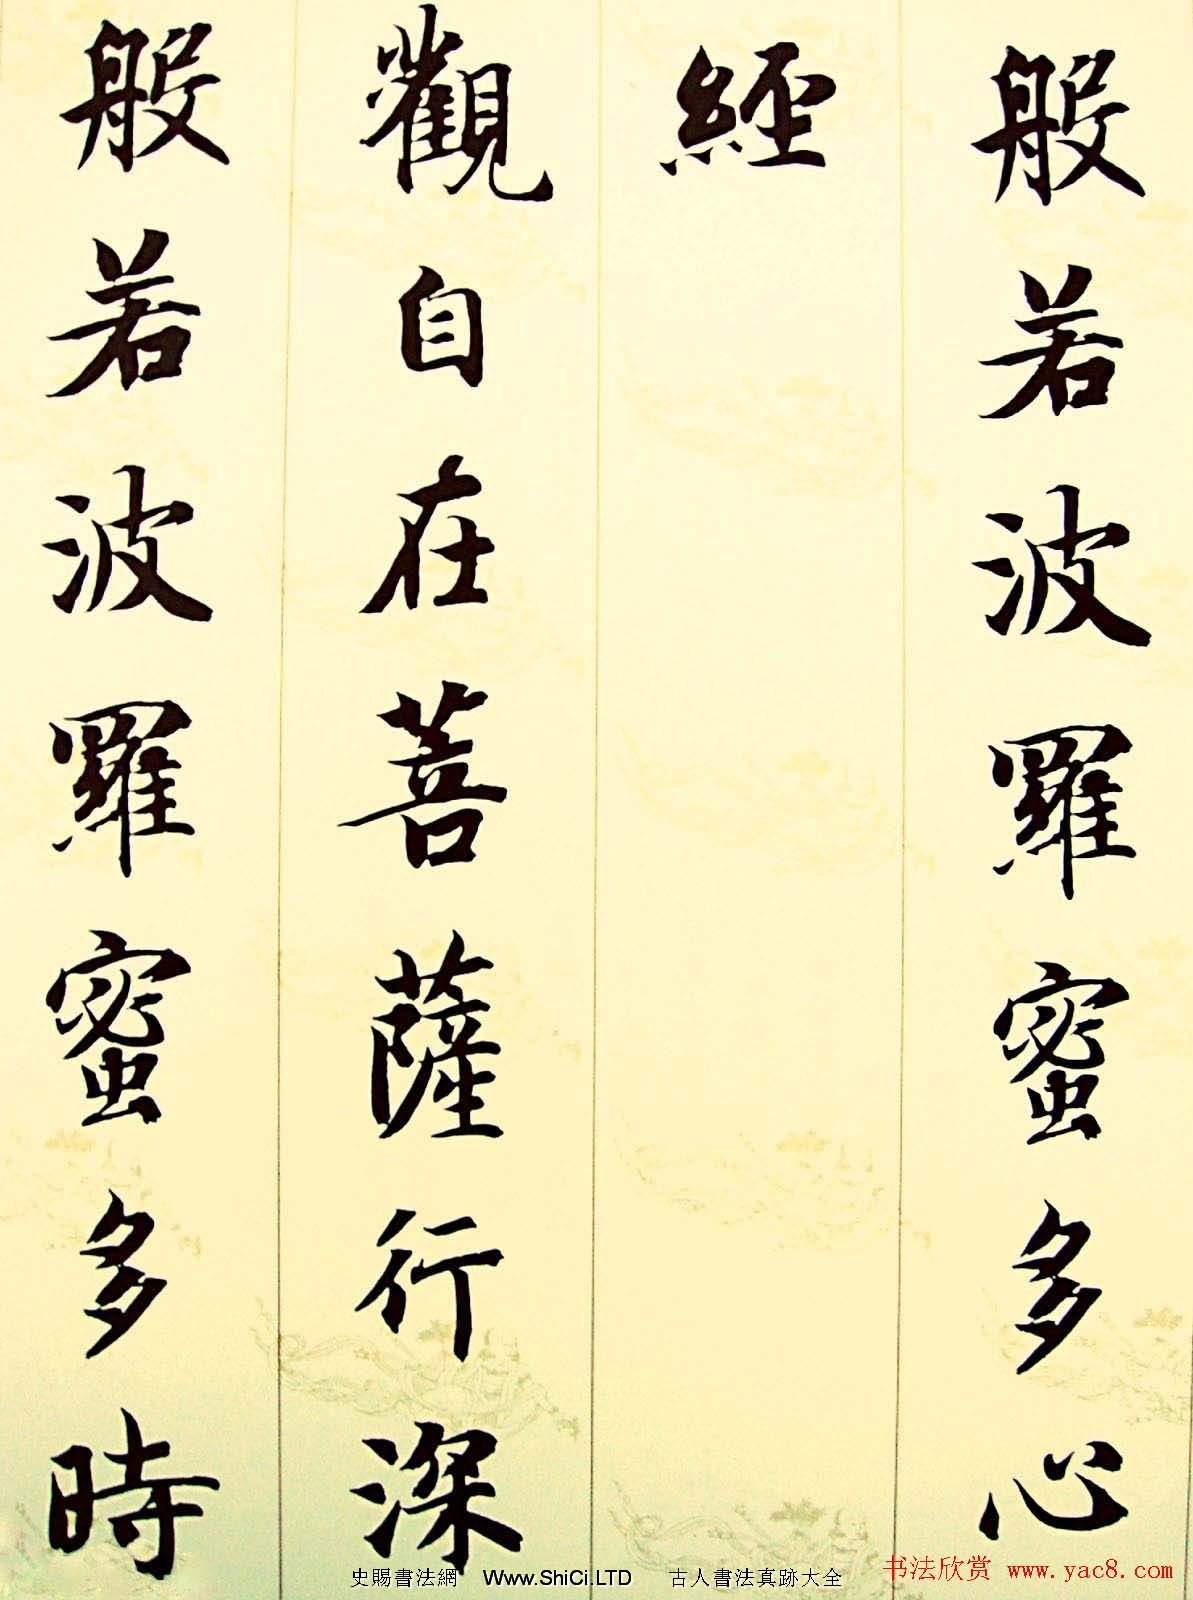 智永楷書集字心經書法真跡欣賞(共13張圖片)